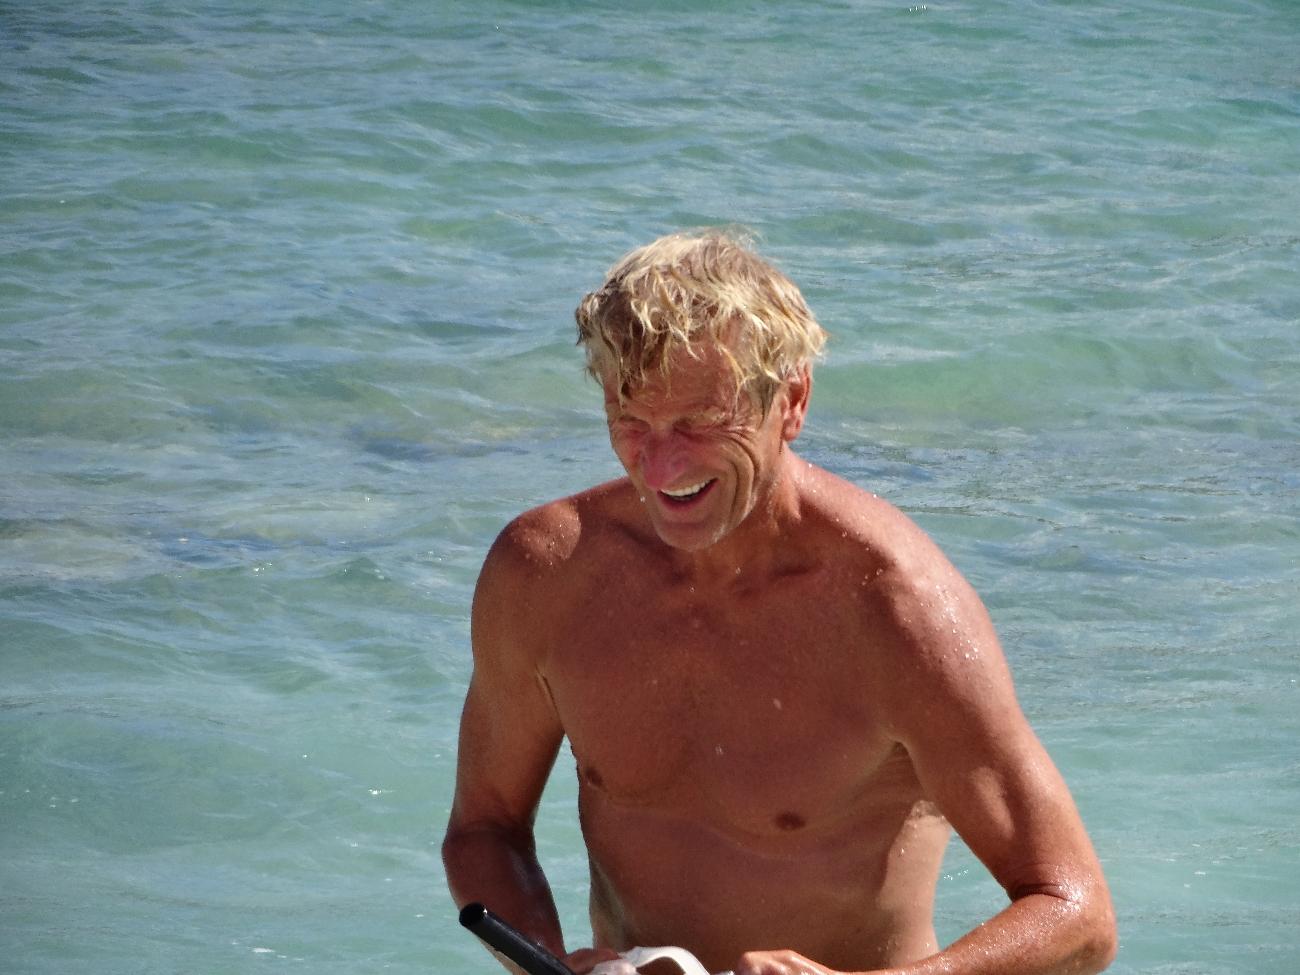 Jan nyter nok et sjøbad.